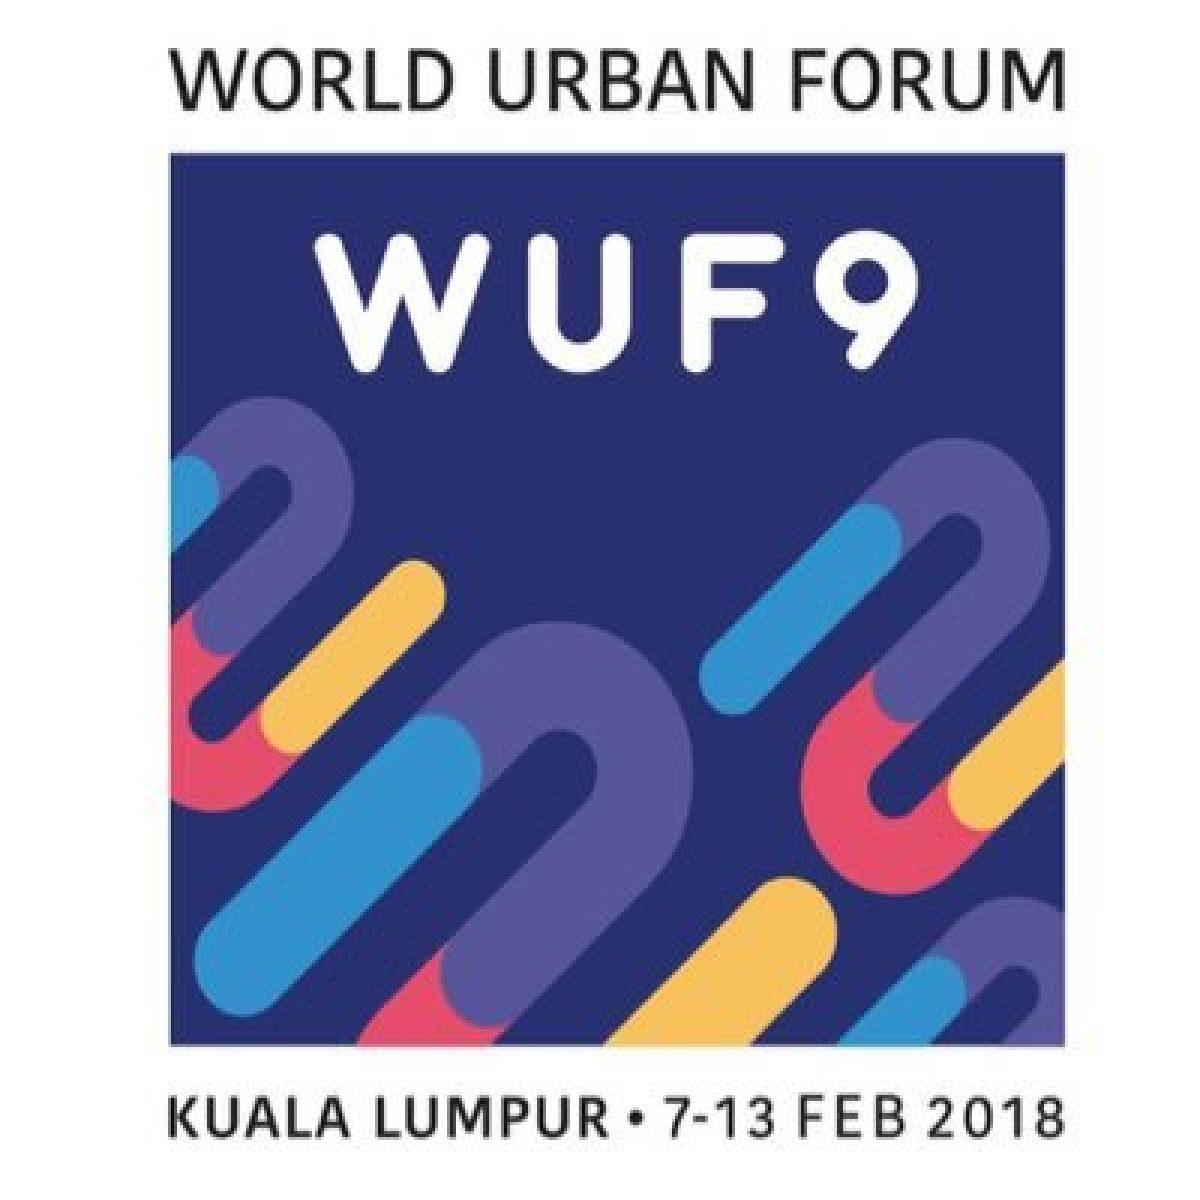 Διακήρυξη της Κουάλα Λουμπούρ του Παγκόσμιου Φόρουμ Πολεοδομίας / The Kuala Lumpur Declaration of the World Urban Forum